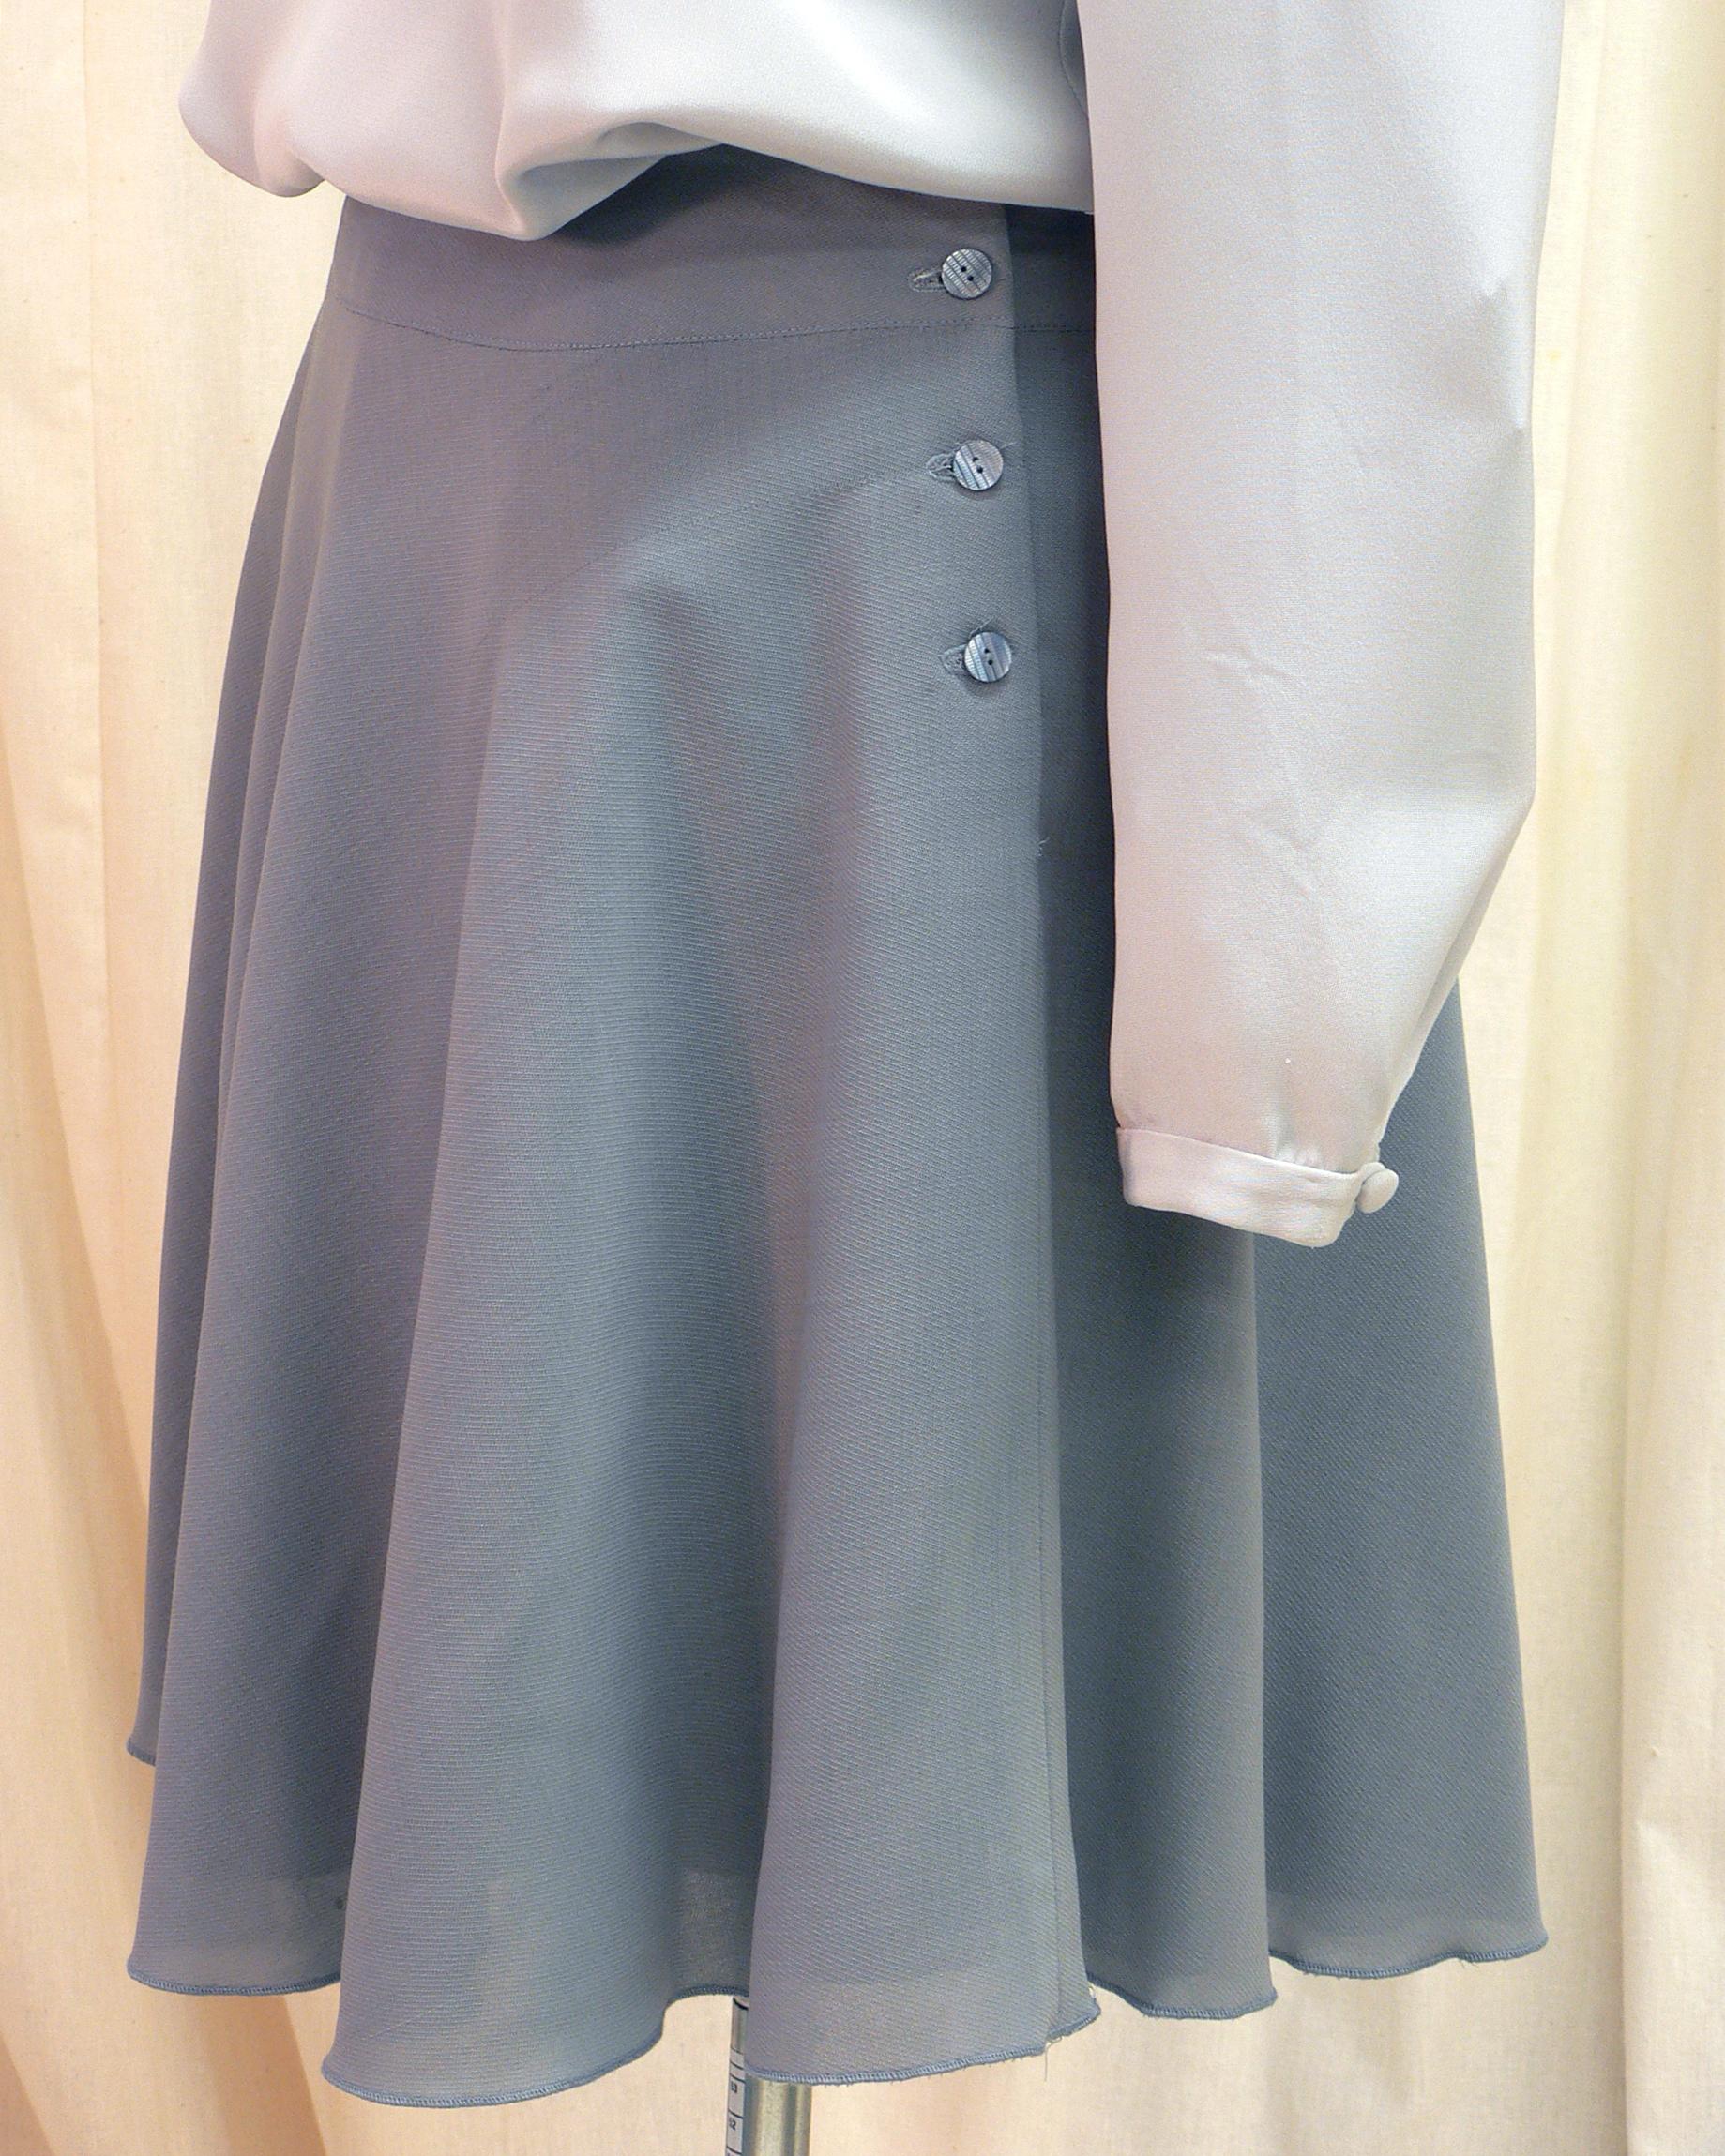 ensemble13_side_skirt_detail.jpg